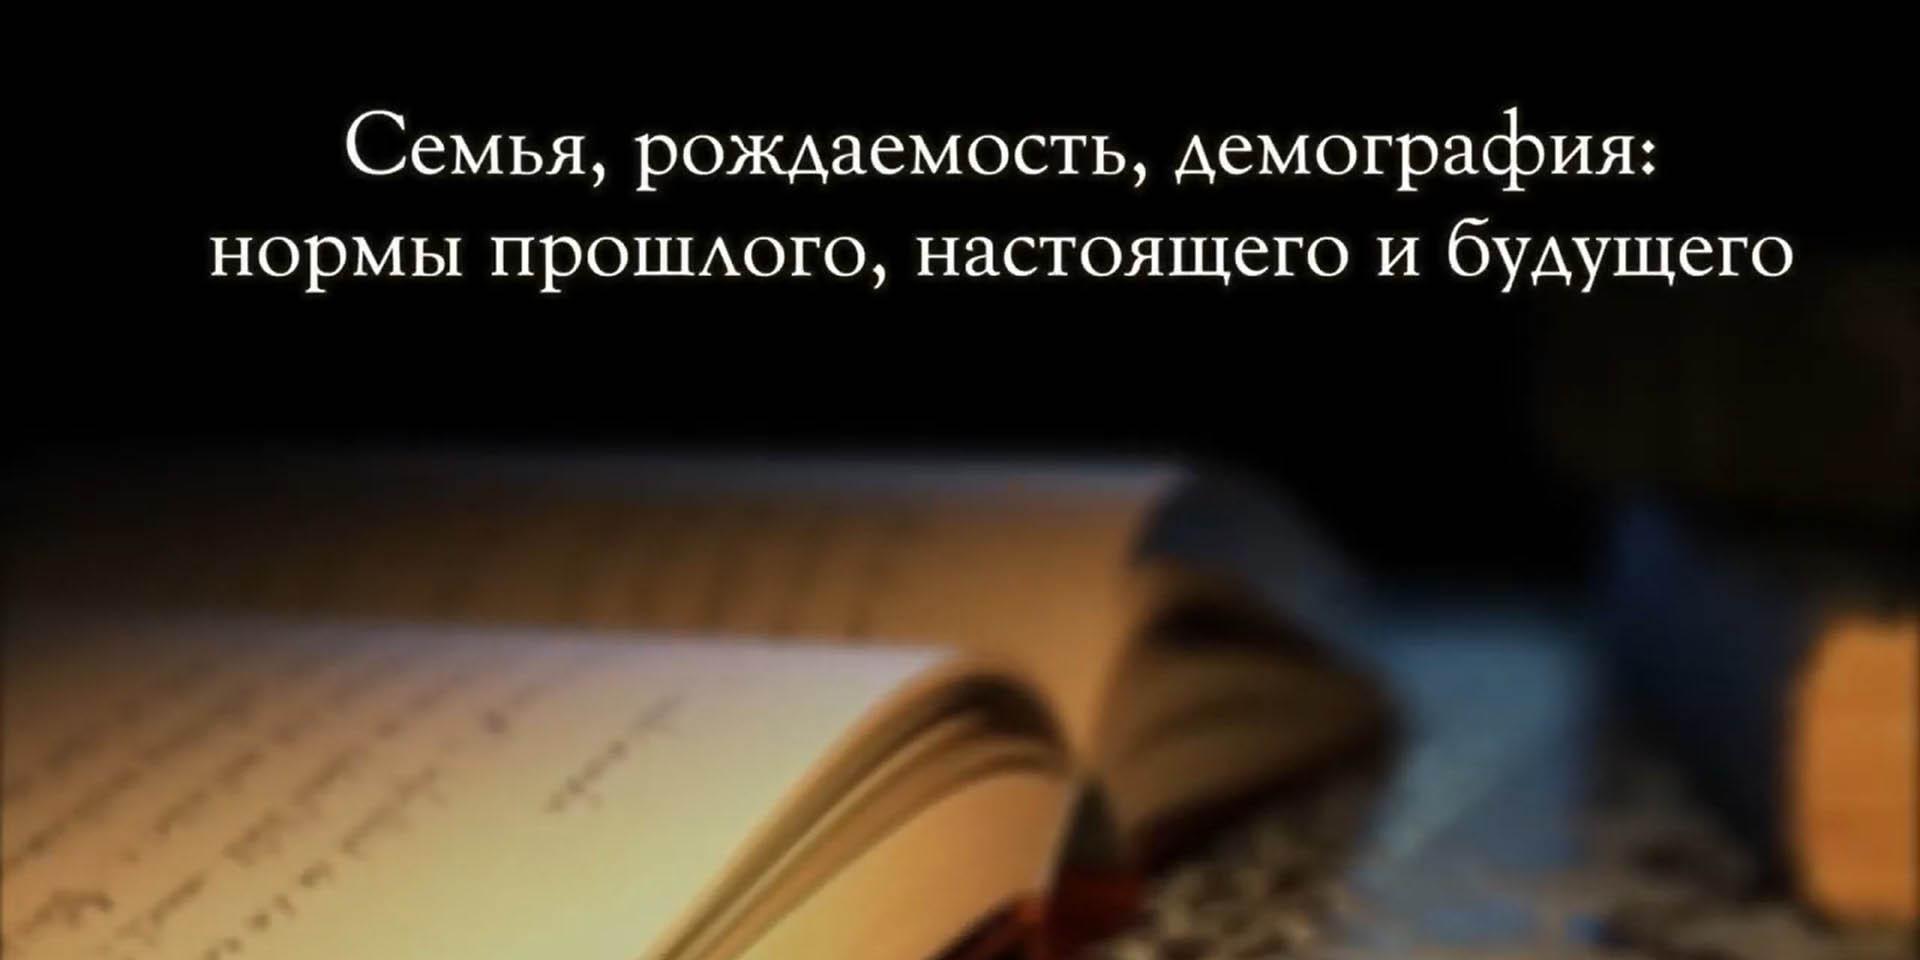 С.В. Чесноков «Семья, рождаемость, демография: нормы прошлого, настоящего и будущего»